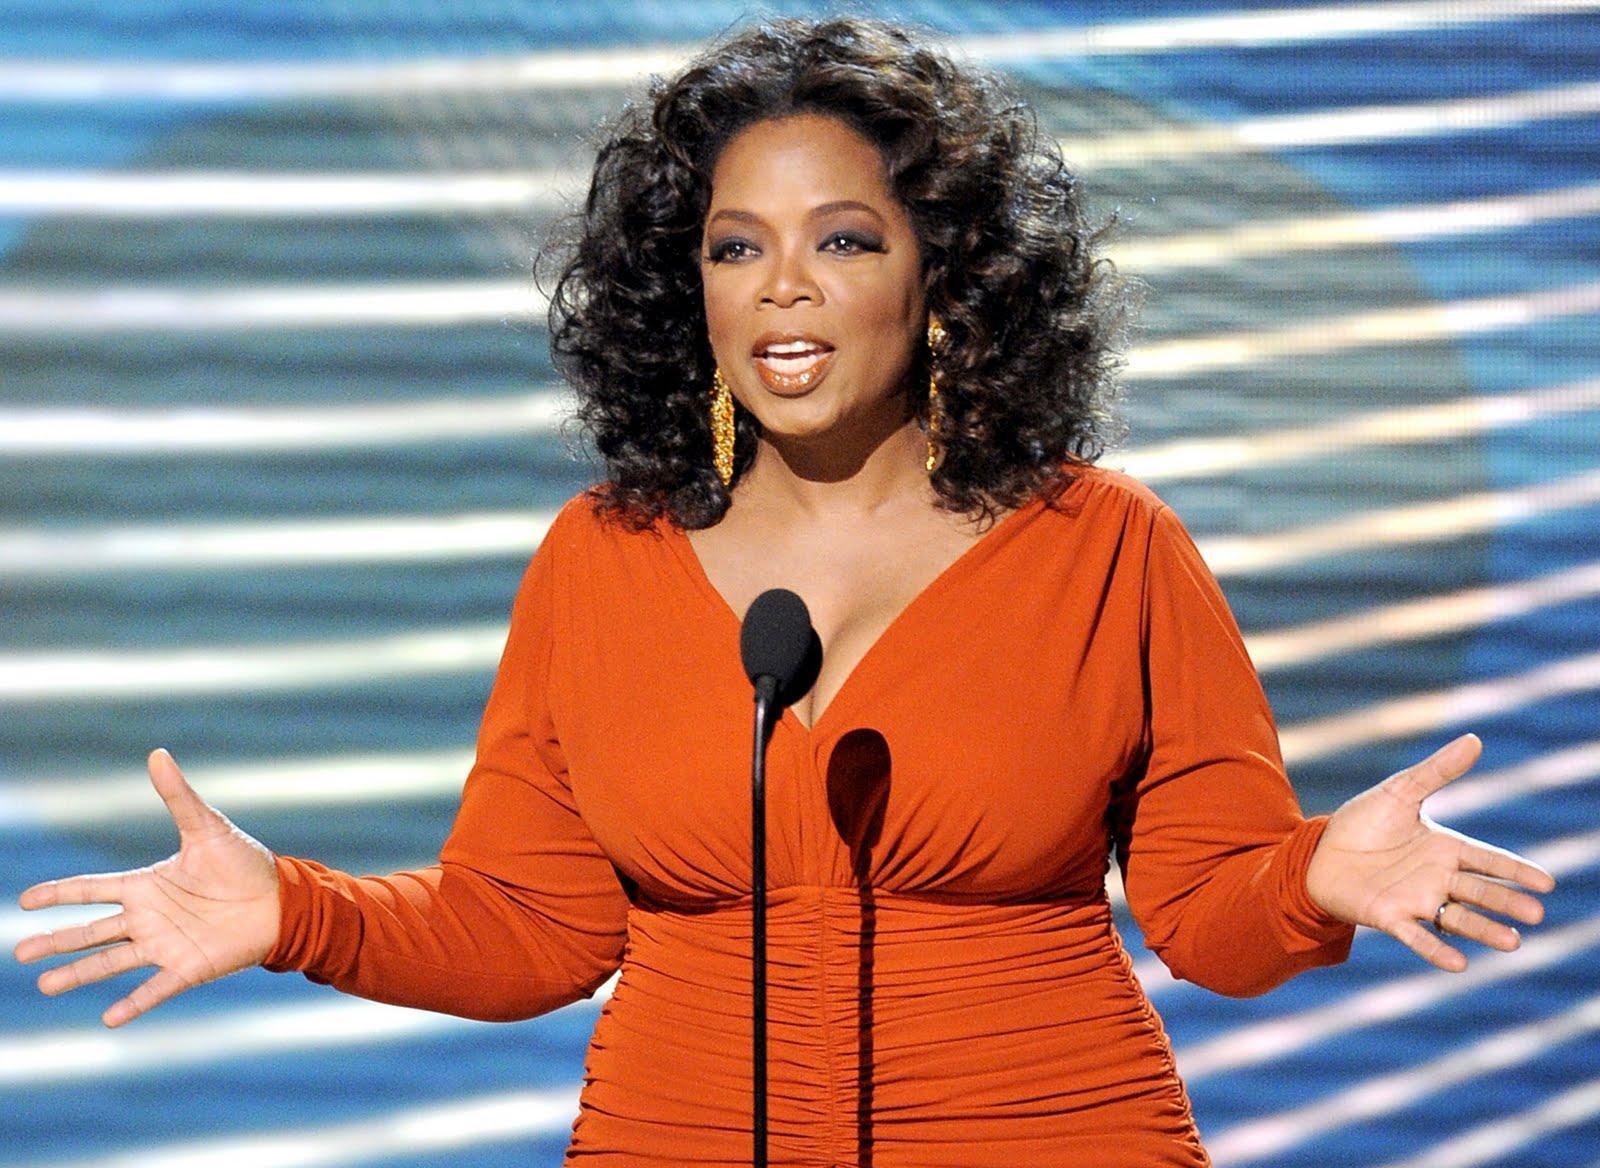 Oprah Winfrey Show Set Design Oprah winfrey hd wallpapersOprah Winfrey Show Set